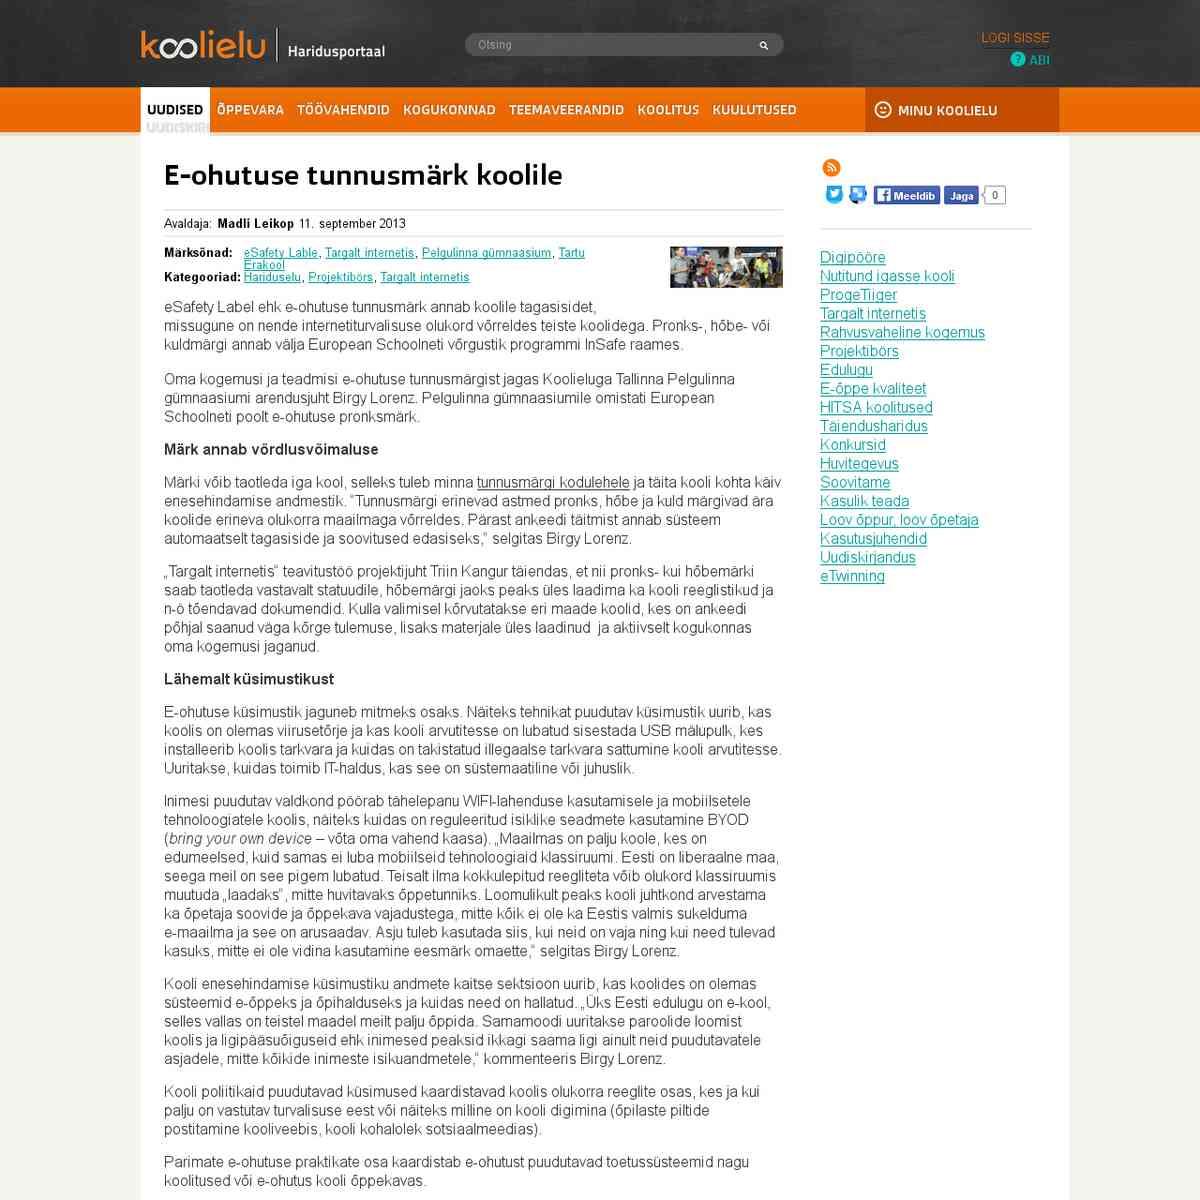 E-ohutuse tunnusmärk koolile : Koolielu